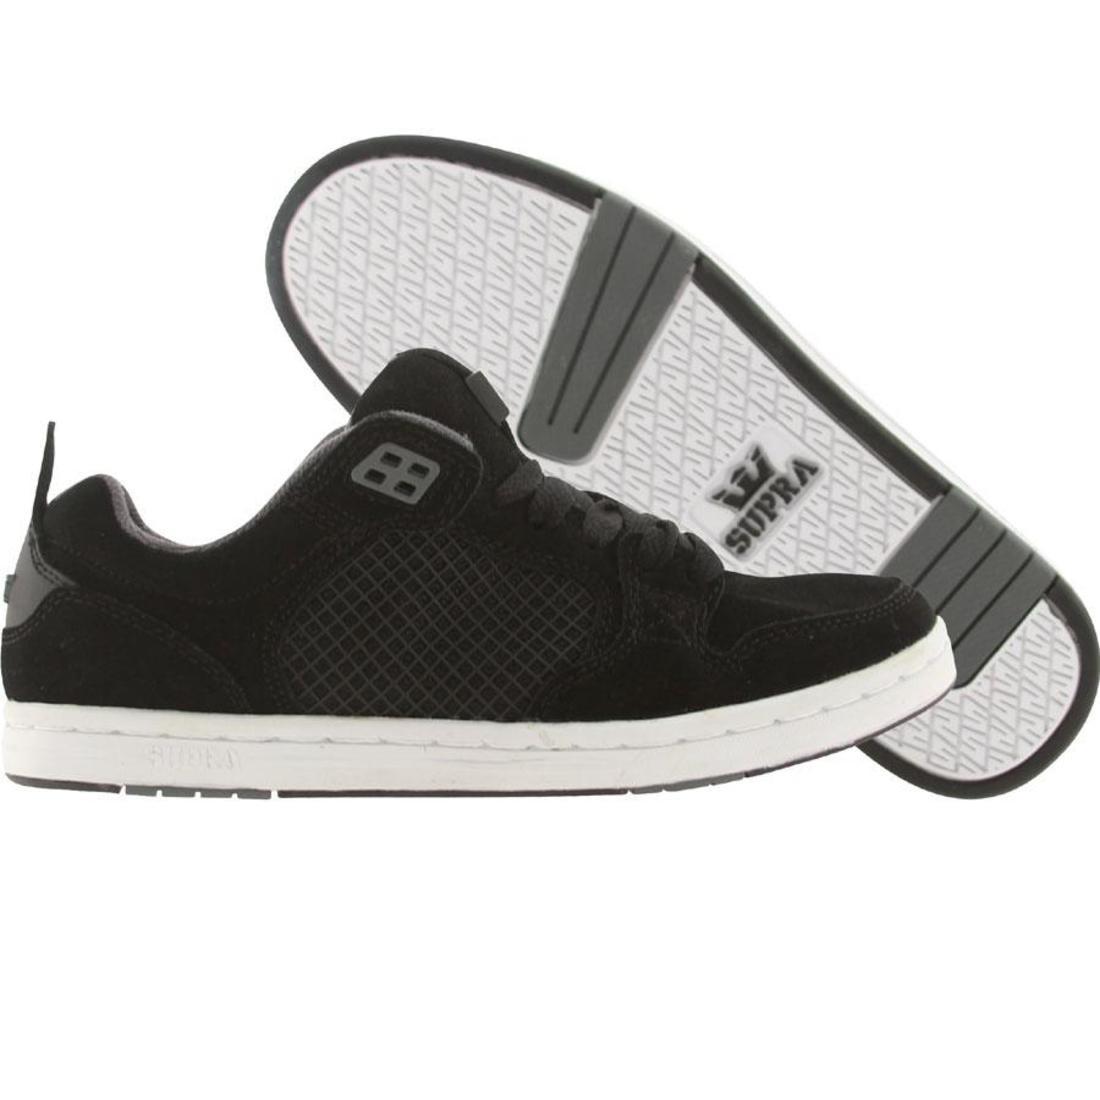 【海外限定】スープラ クルーザー メンズ靴 スニーカー 【 SUPRA CRUIZER BLACK WHITE 】